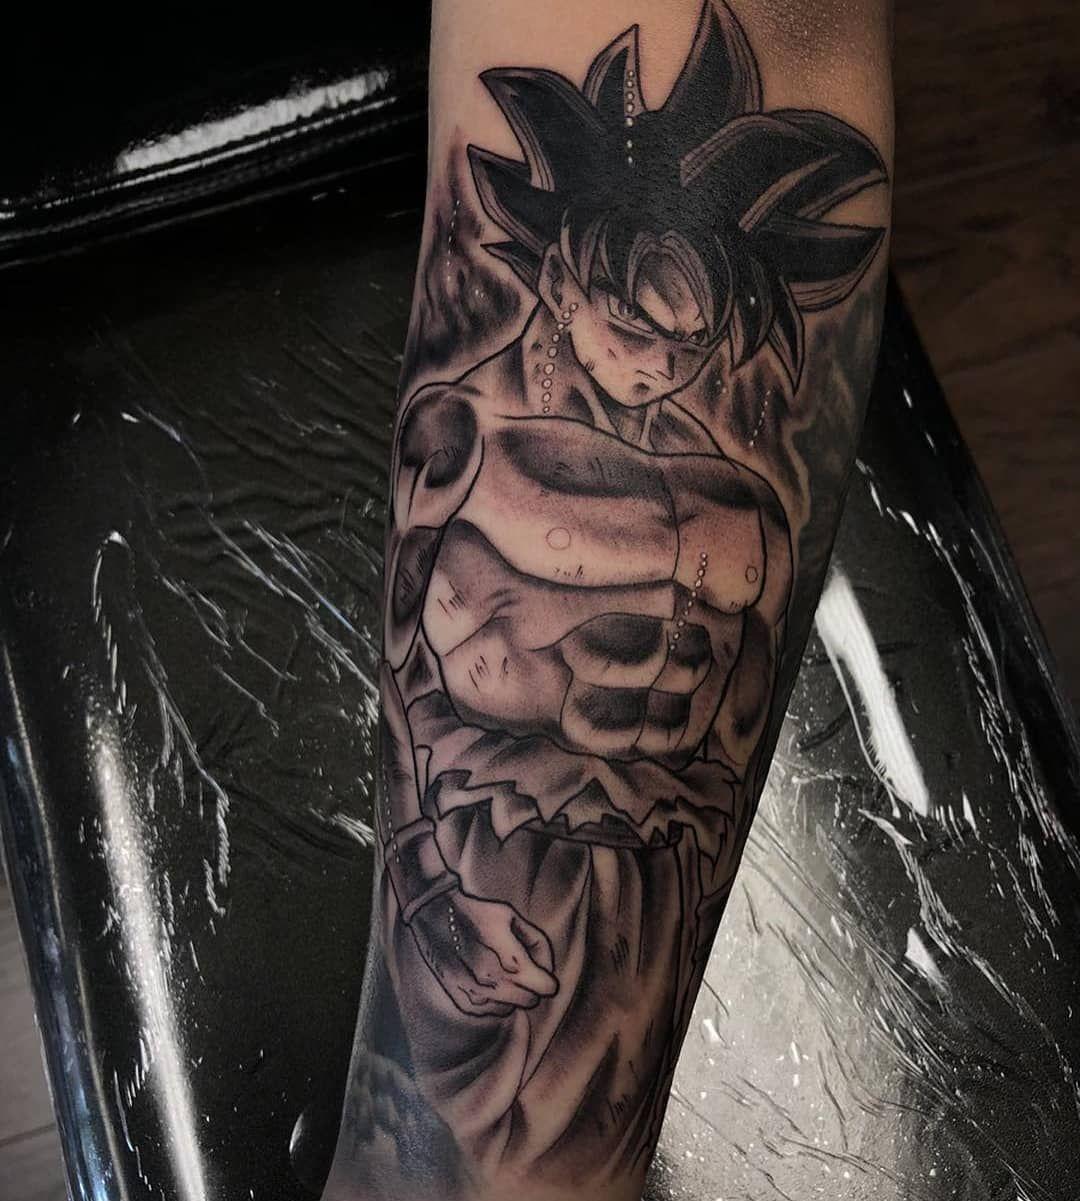 Brak Dostepnego Opisu Zdjecia Tatuagens Tatuagens De Anime Tatuagem Dragao